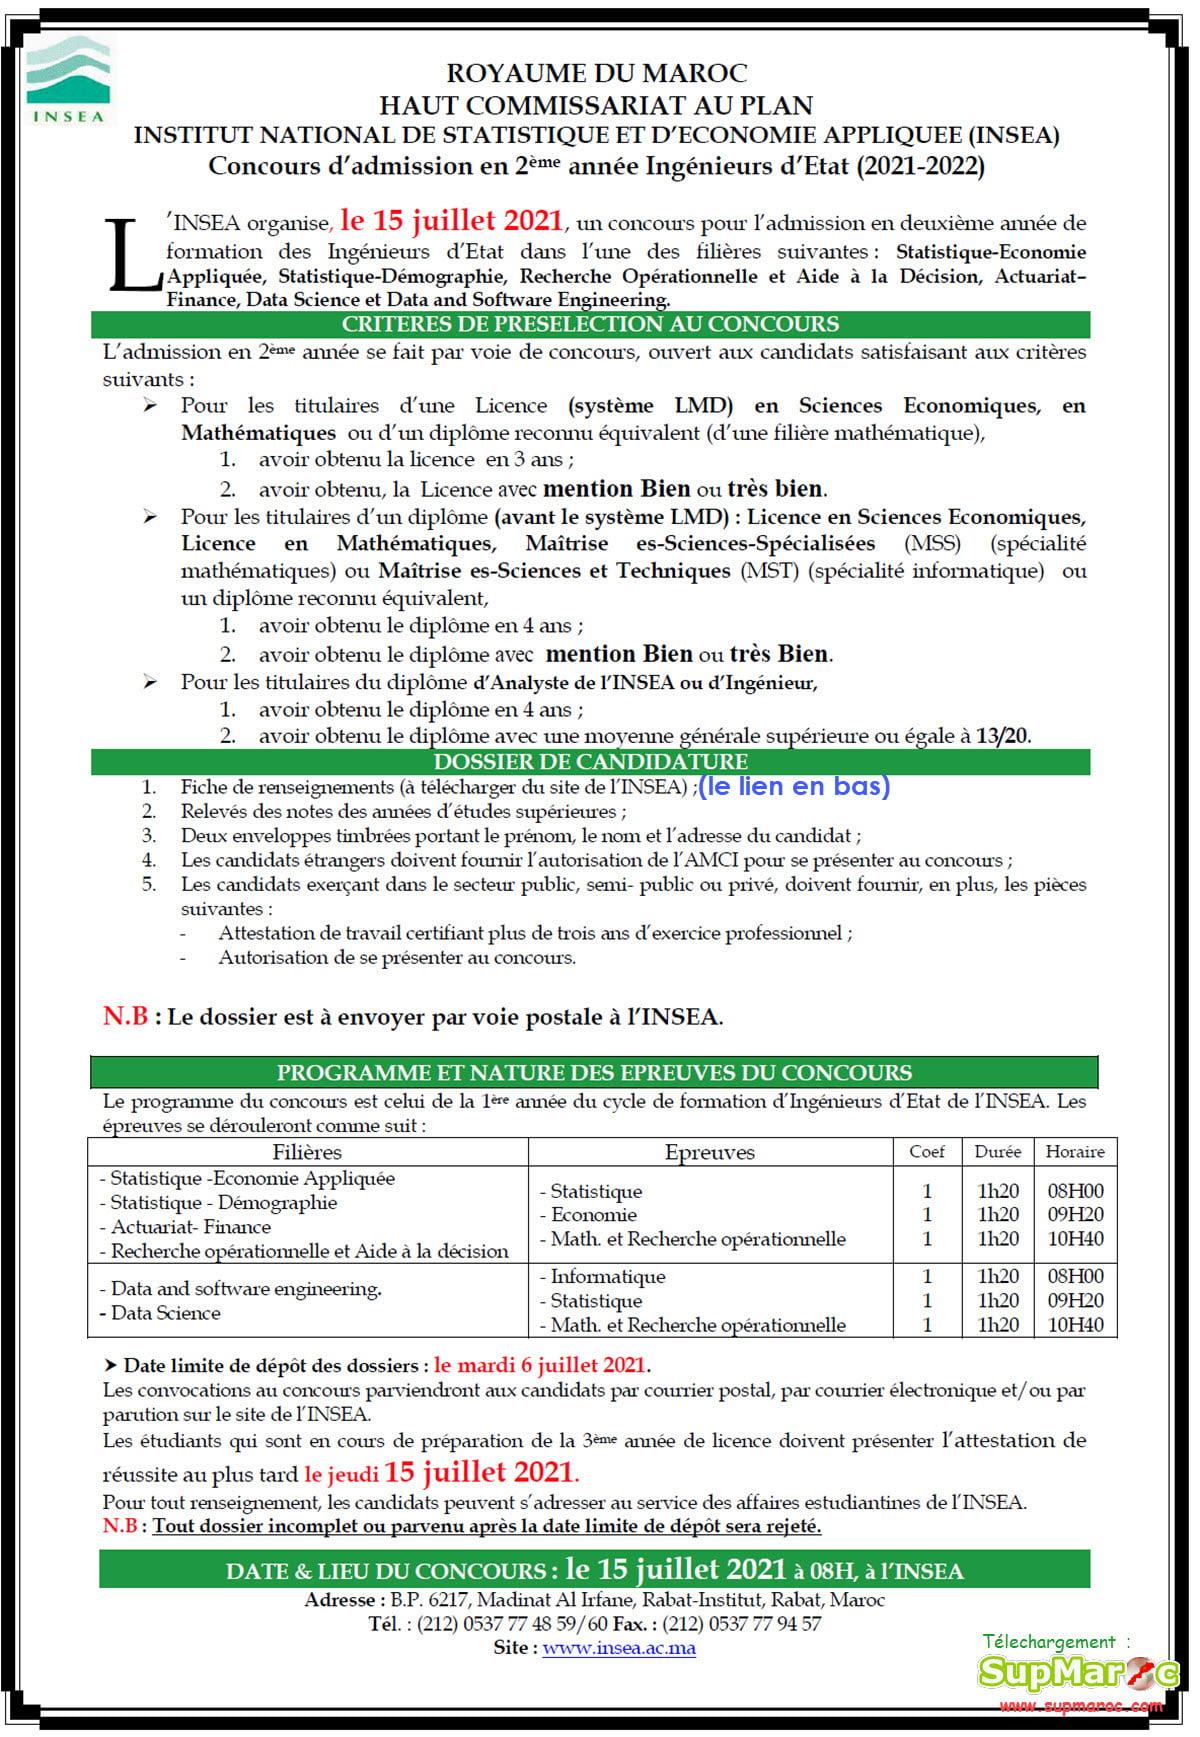 Concours  INSEA  Rabat 2eme cycle ingénieur 2021 2022